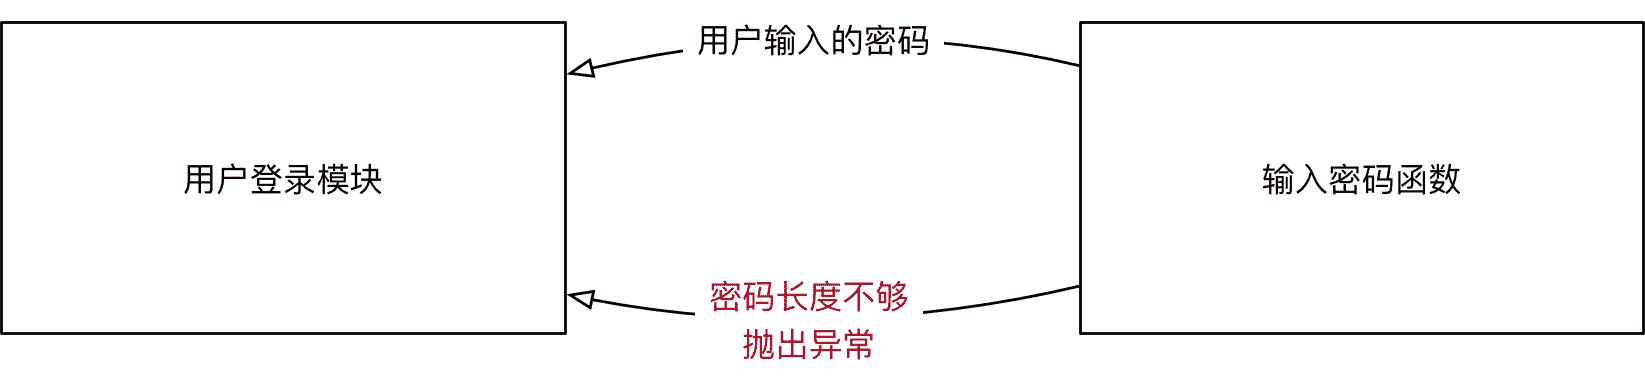 024_自定义异常.png